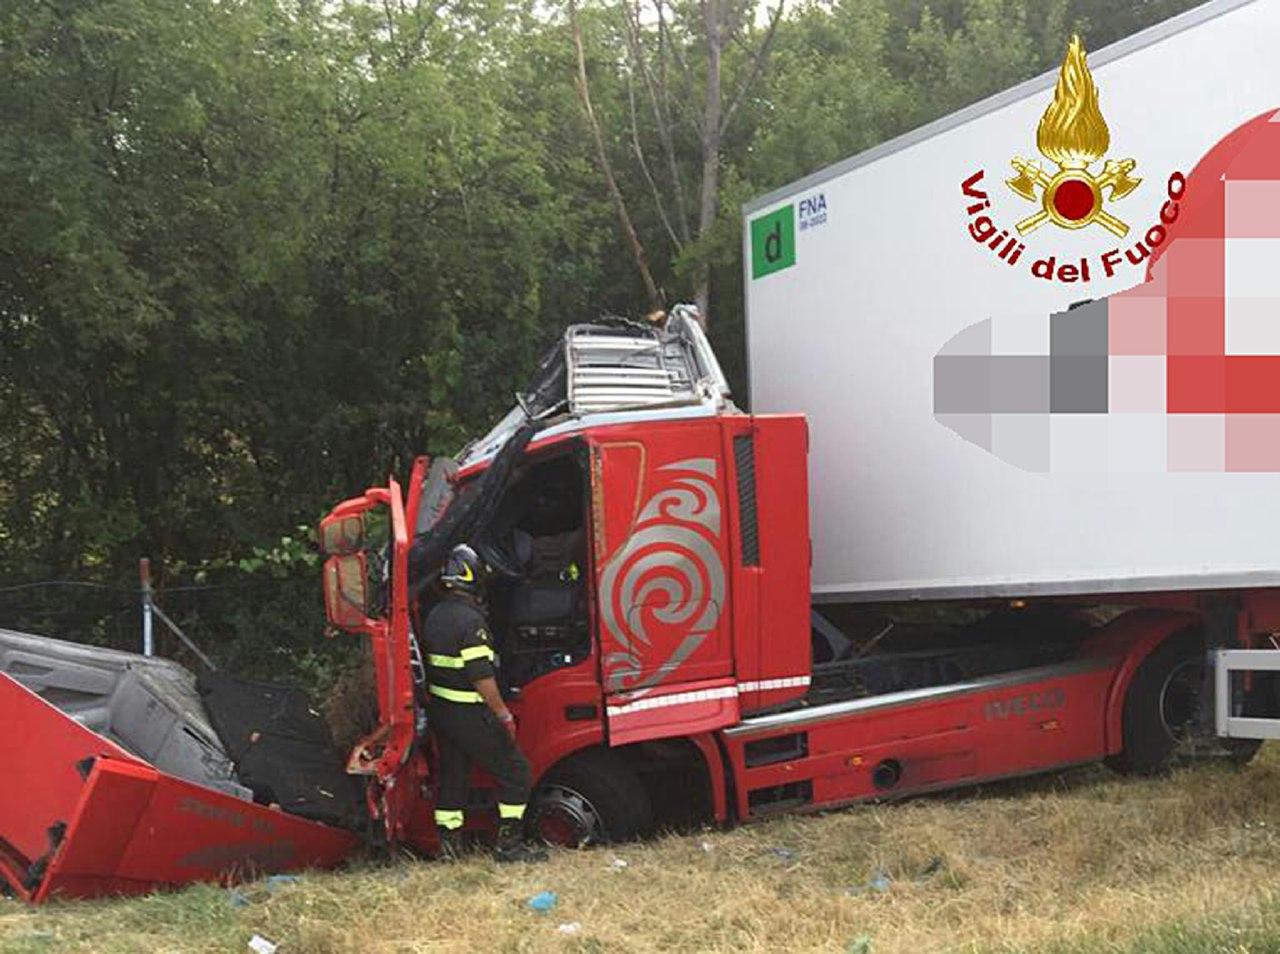 A14, incidente tra un furgone e un camion: due persone rimaste ferite